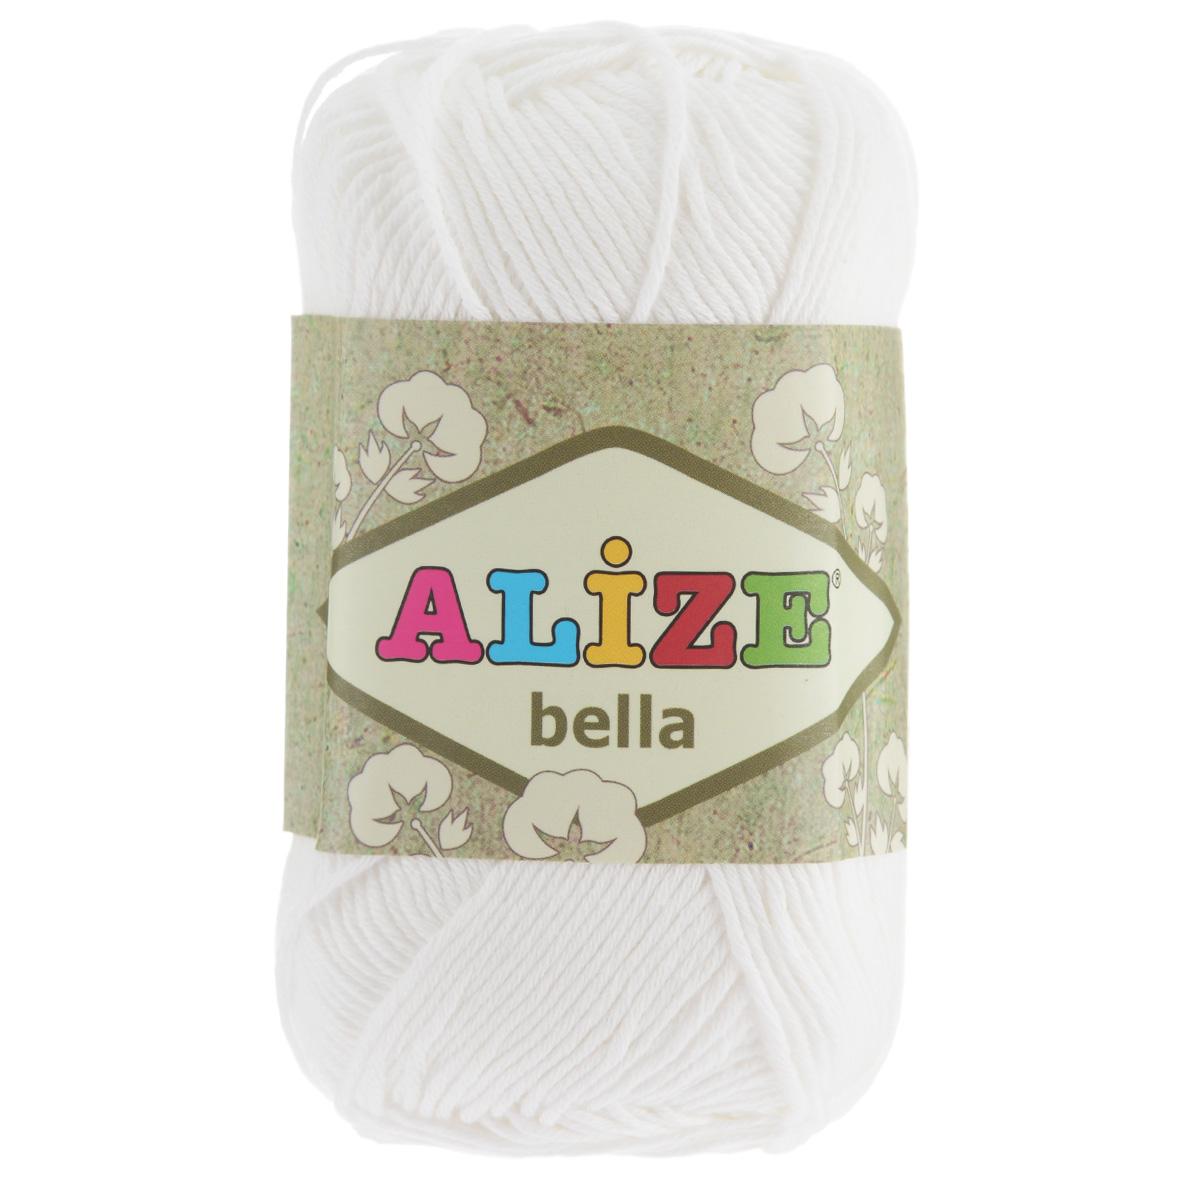 Пряжа для вязания Alize Bella, цвет: белый (55), 180 м, 50 г, 5 шт364124_55Пряжа Alize Bella подходит для ручного вязания детям и взрослым. Пряжа однотонная, приятная на ощупь, хорошо лежит в полотне. Изделия из такой нити получаются мягкие и красивые. Рекомендованные спицы 2-4 мм и крючок для вязания 1-3 мм. Комплектация: 5 мотков. Состав: 100% хлопок.